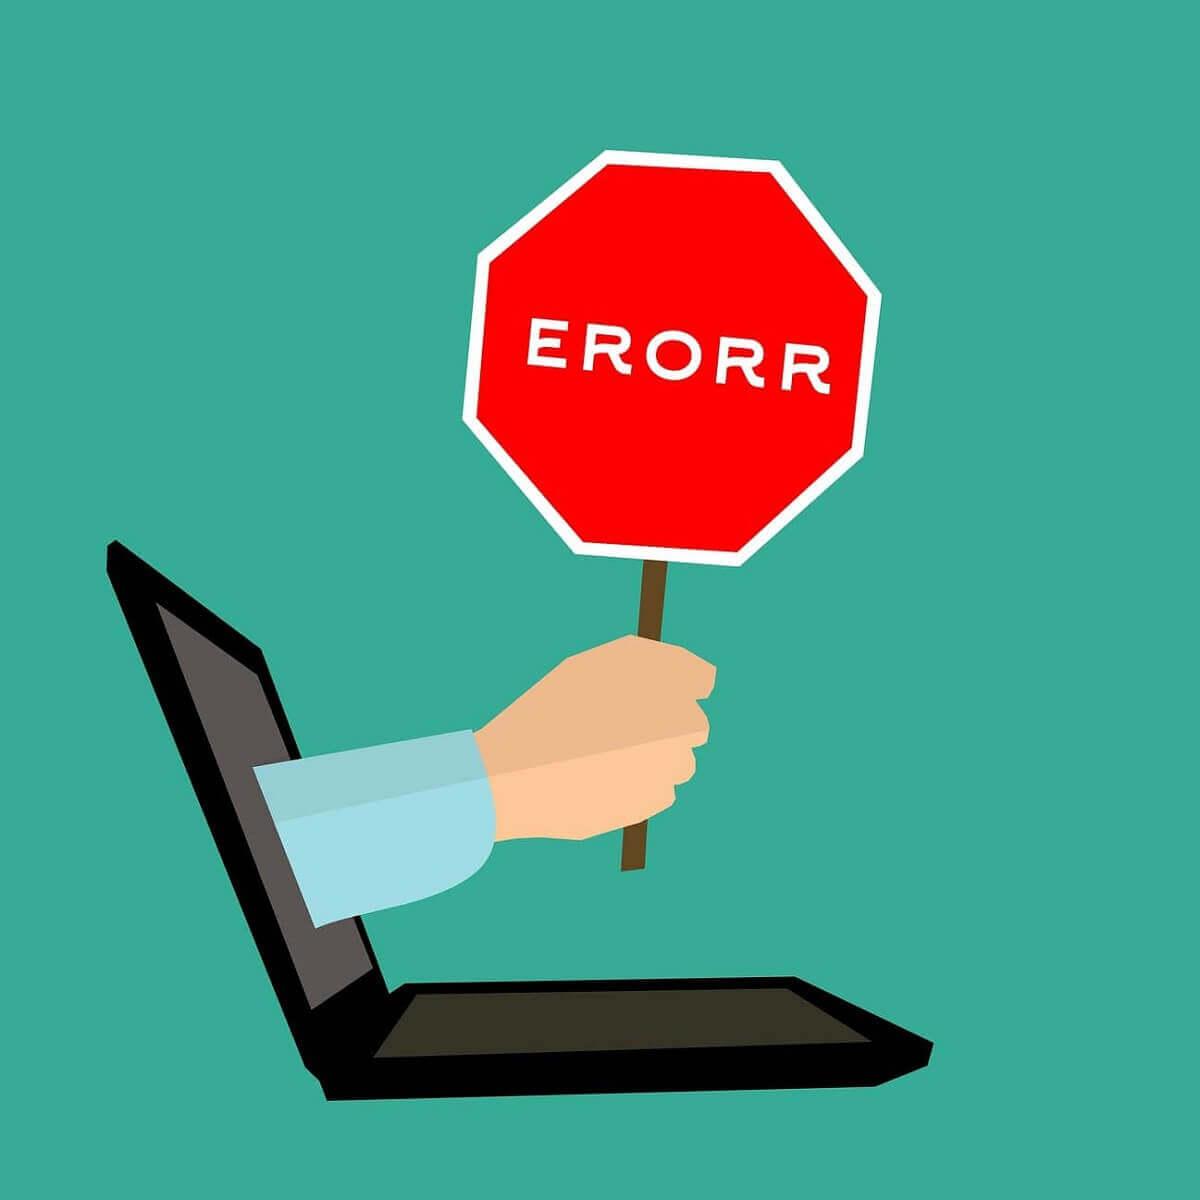 cómo reparar el error Kernel Power 41 en Windows 10